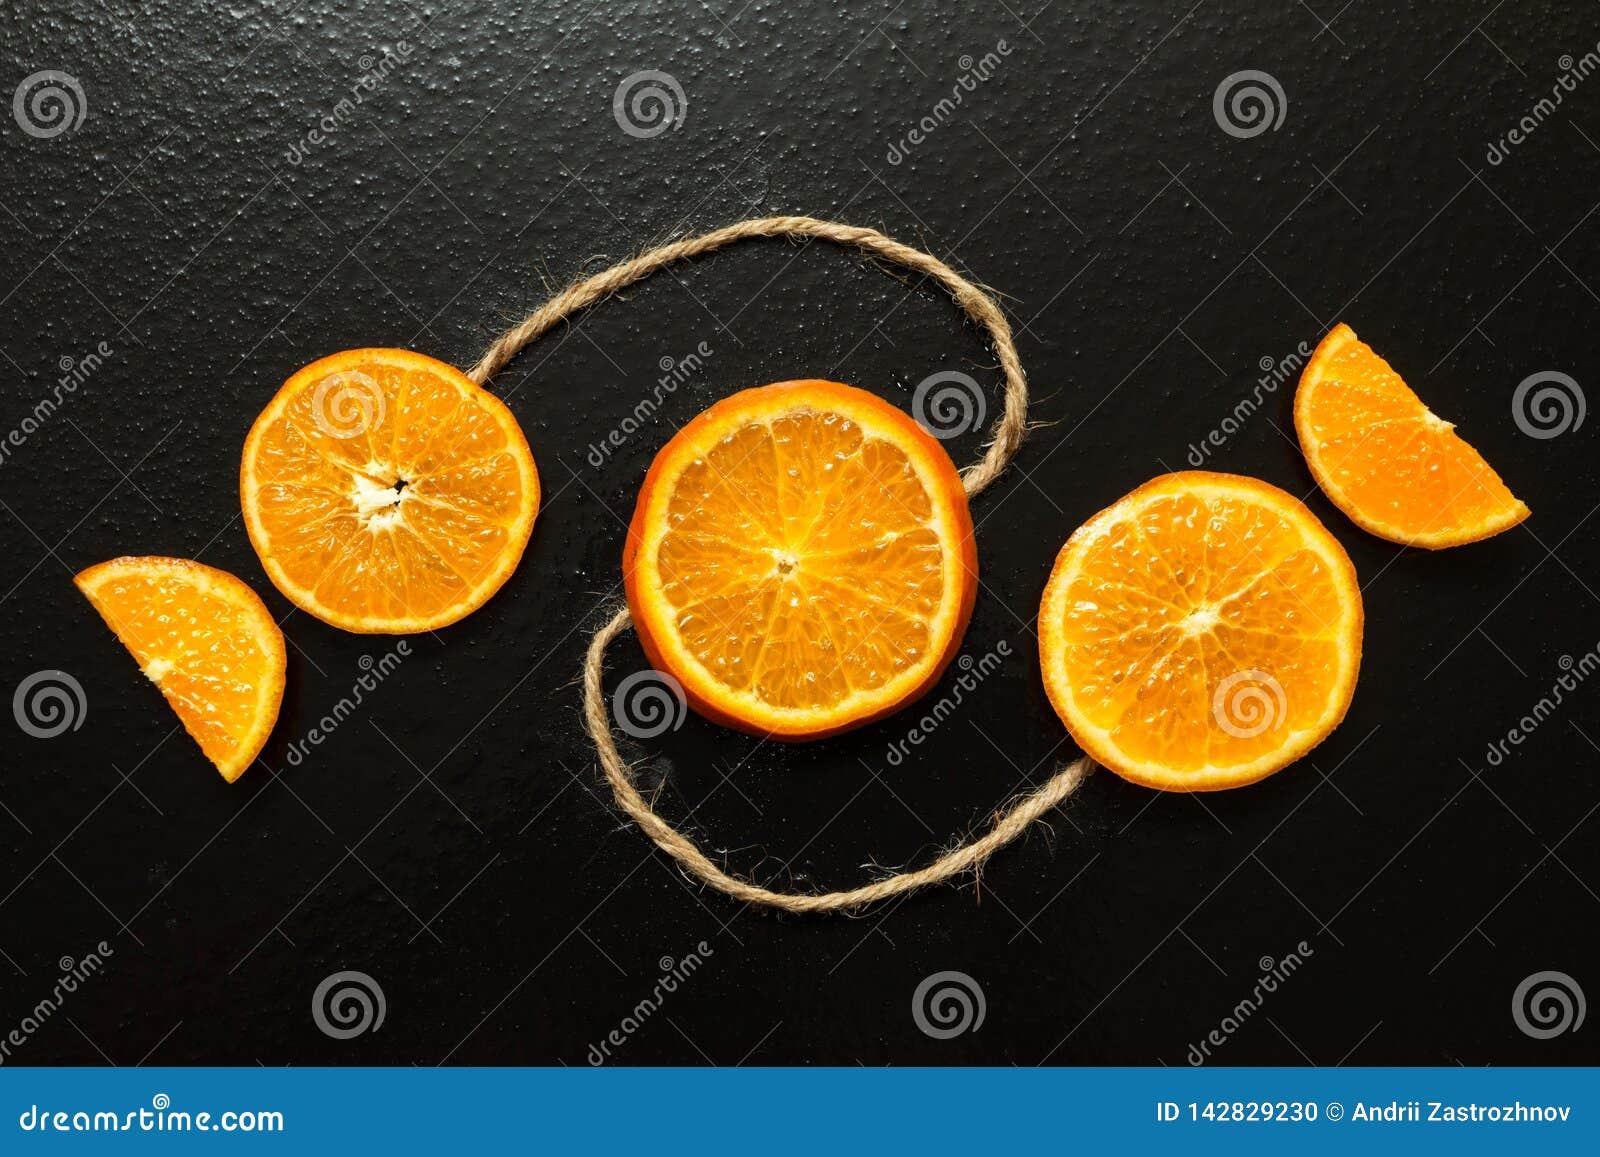 Tranches d oranges sur un fond noir